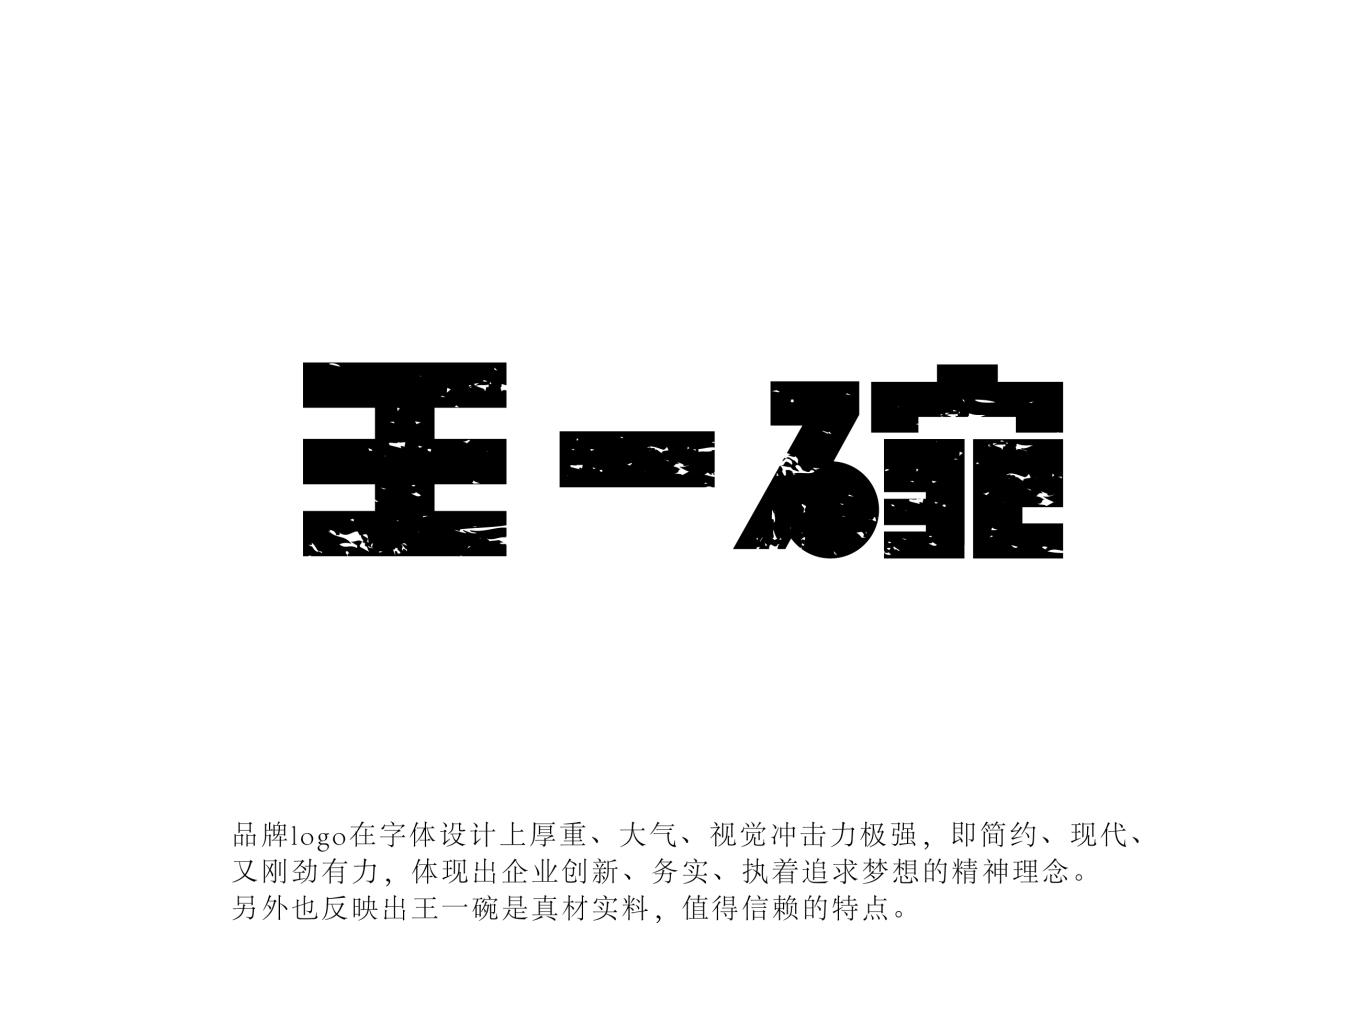 食品 logo vi设计图0